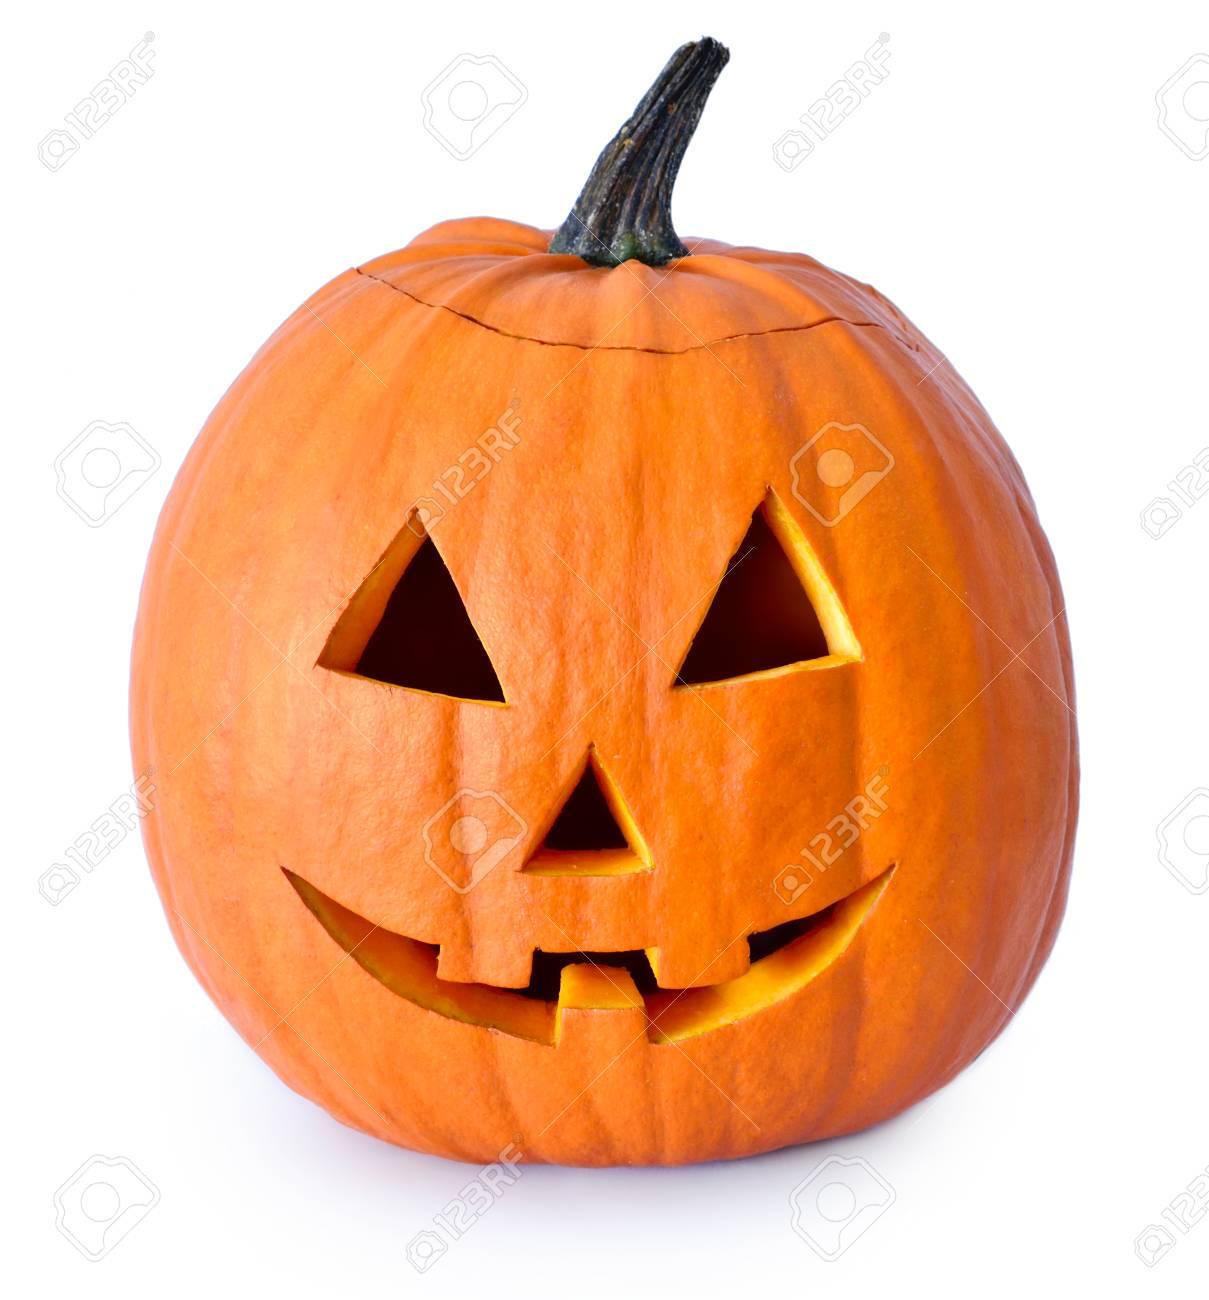 Pompoen Voor Halloween.Halloween Pompoen Met Eng Gezicht Jack O Lantern Geisoleerd Op Wit